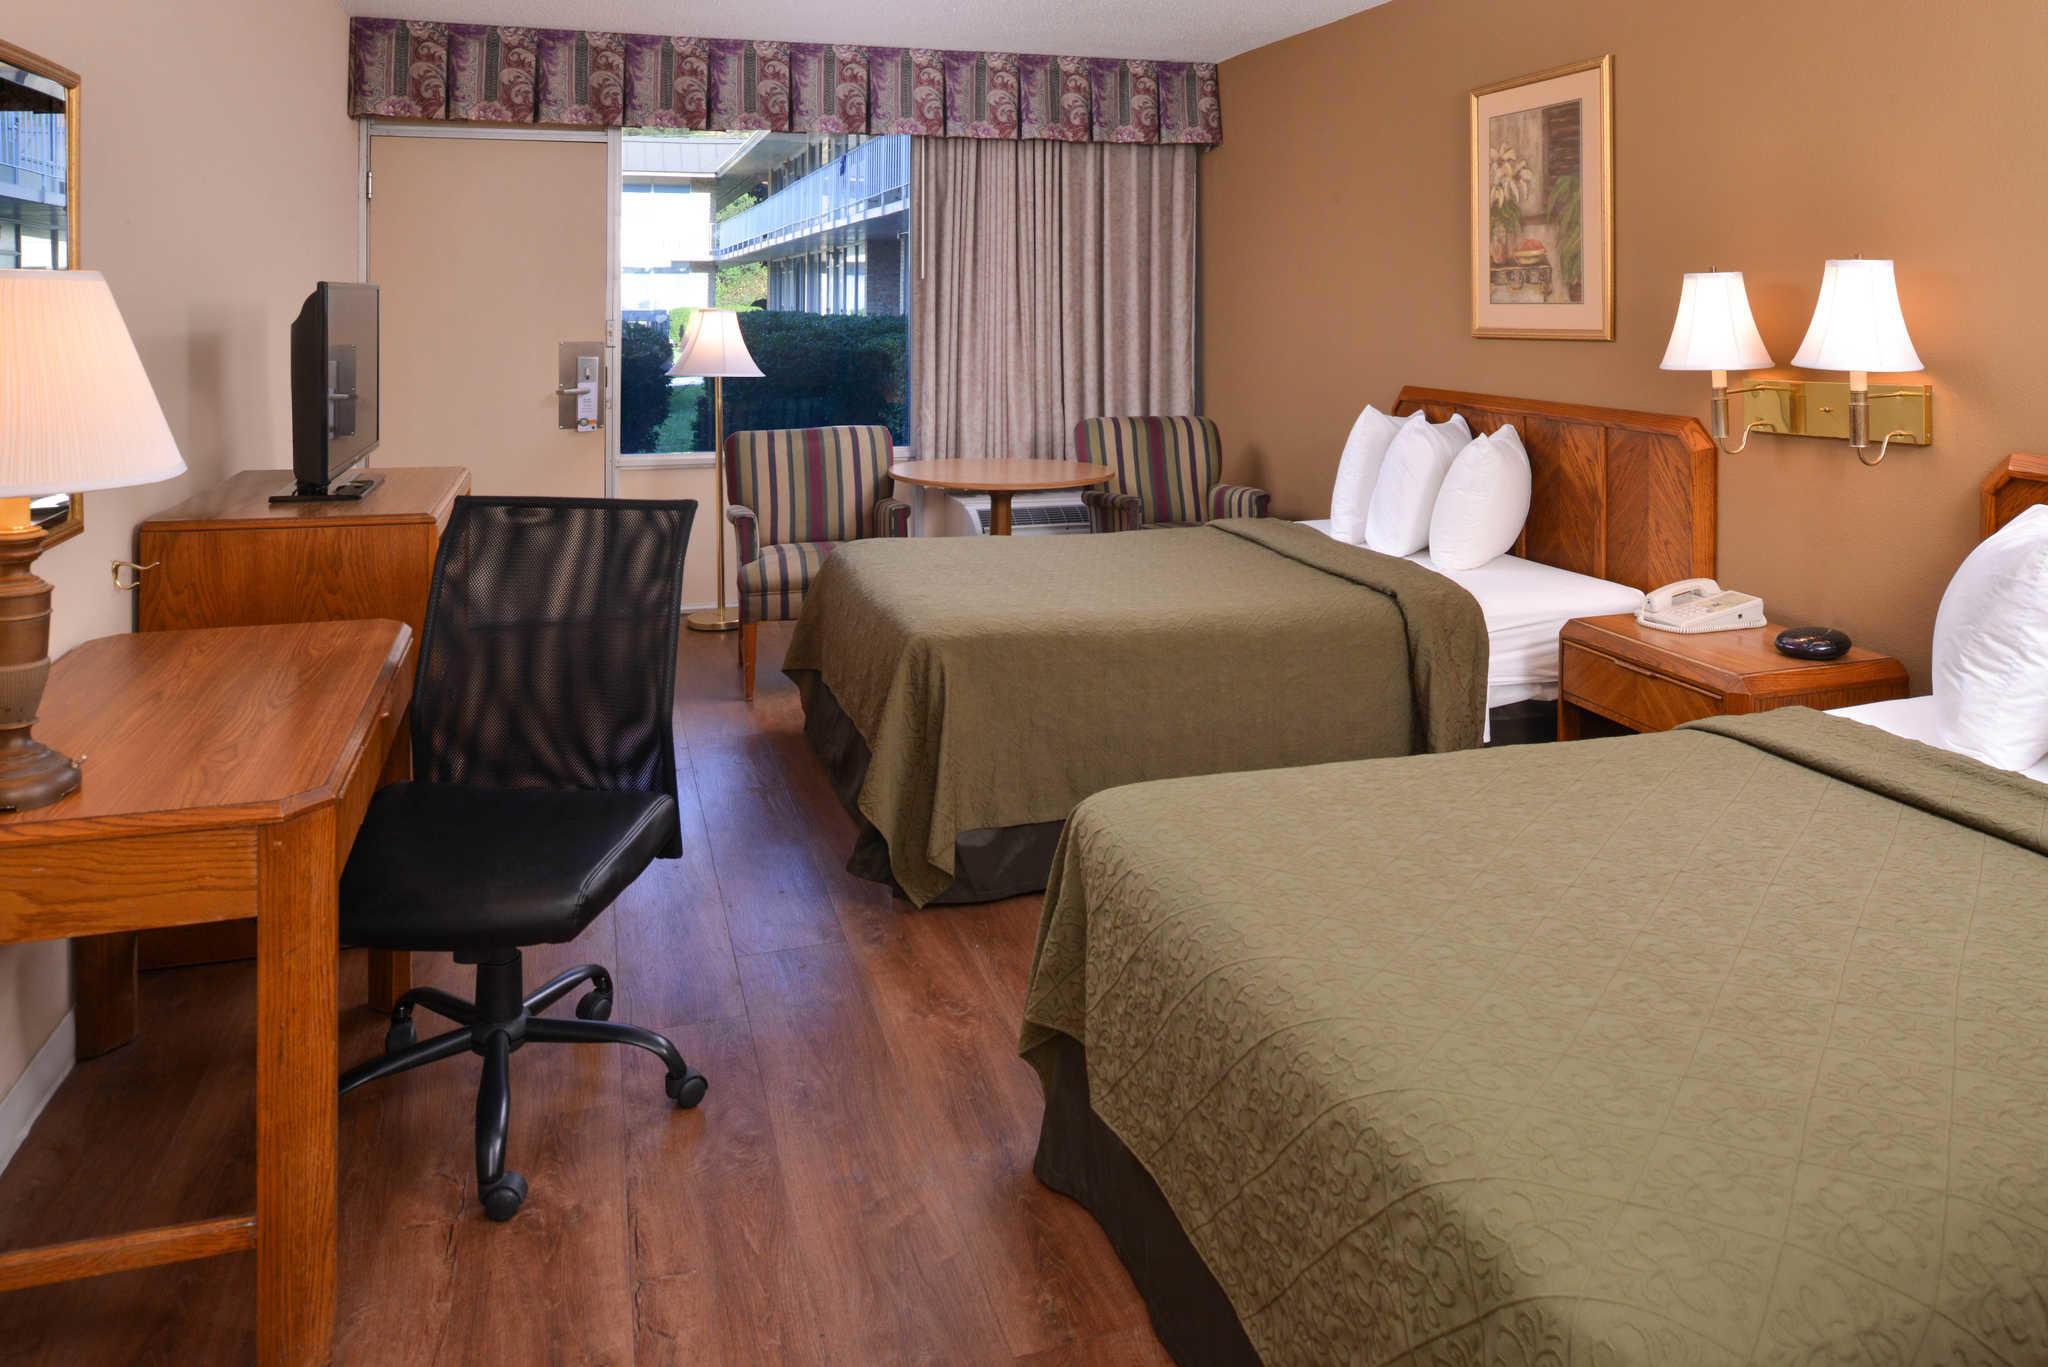 Quality Inn Dutch Inn image 13